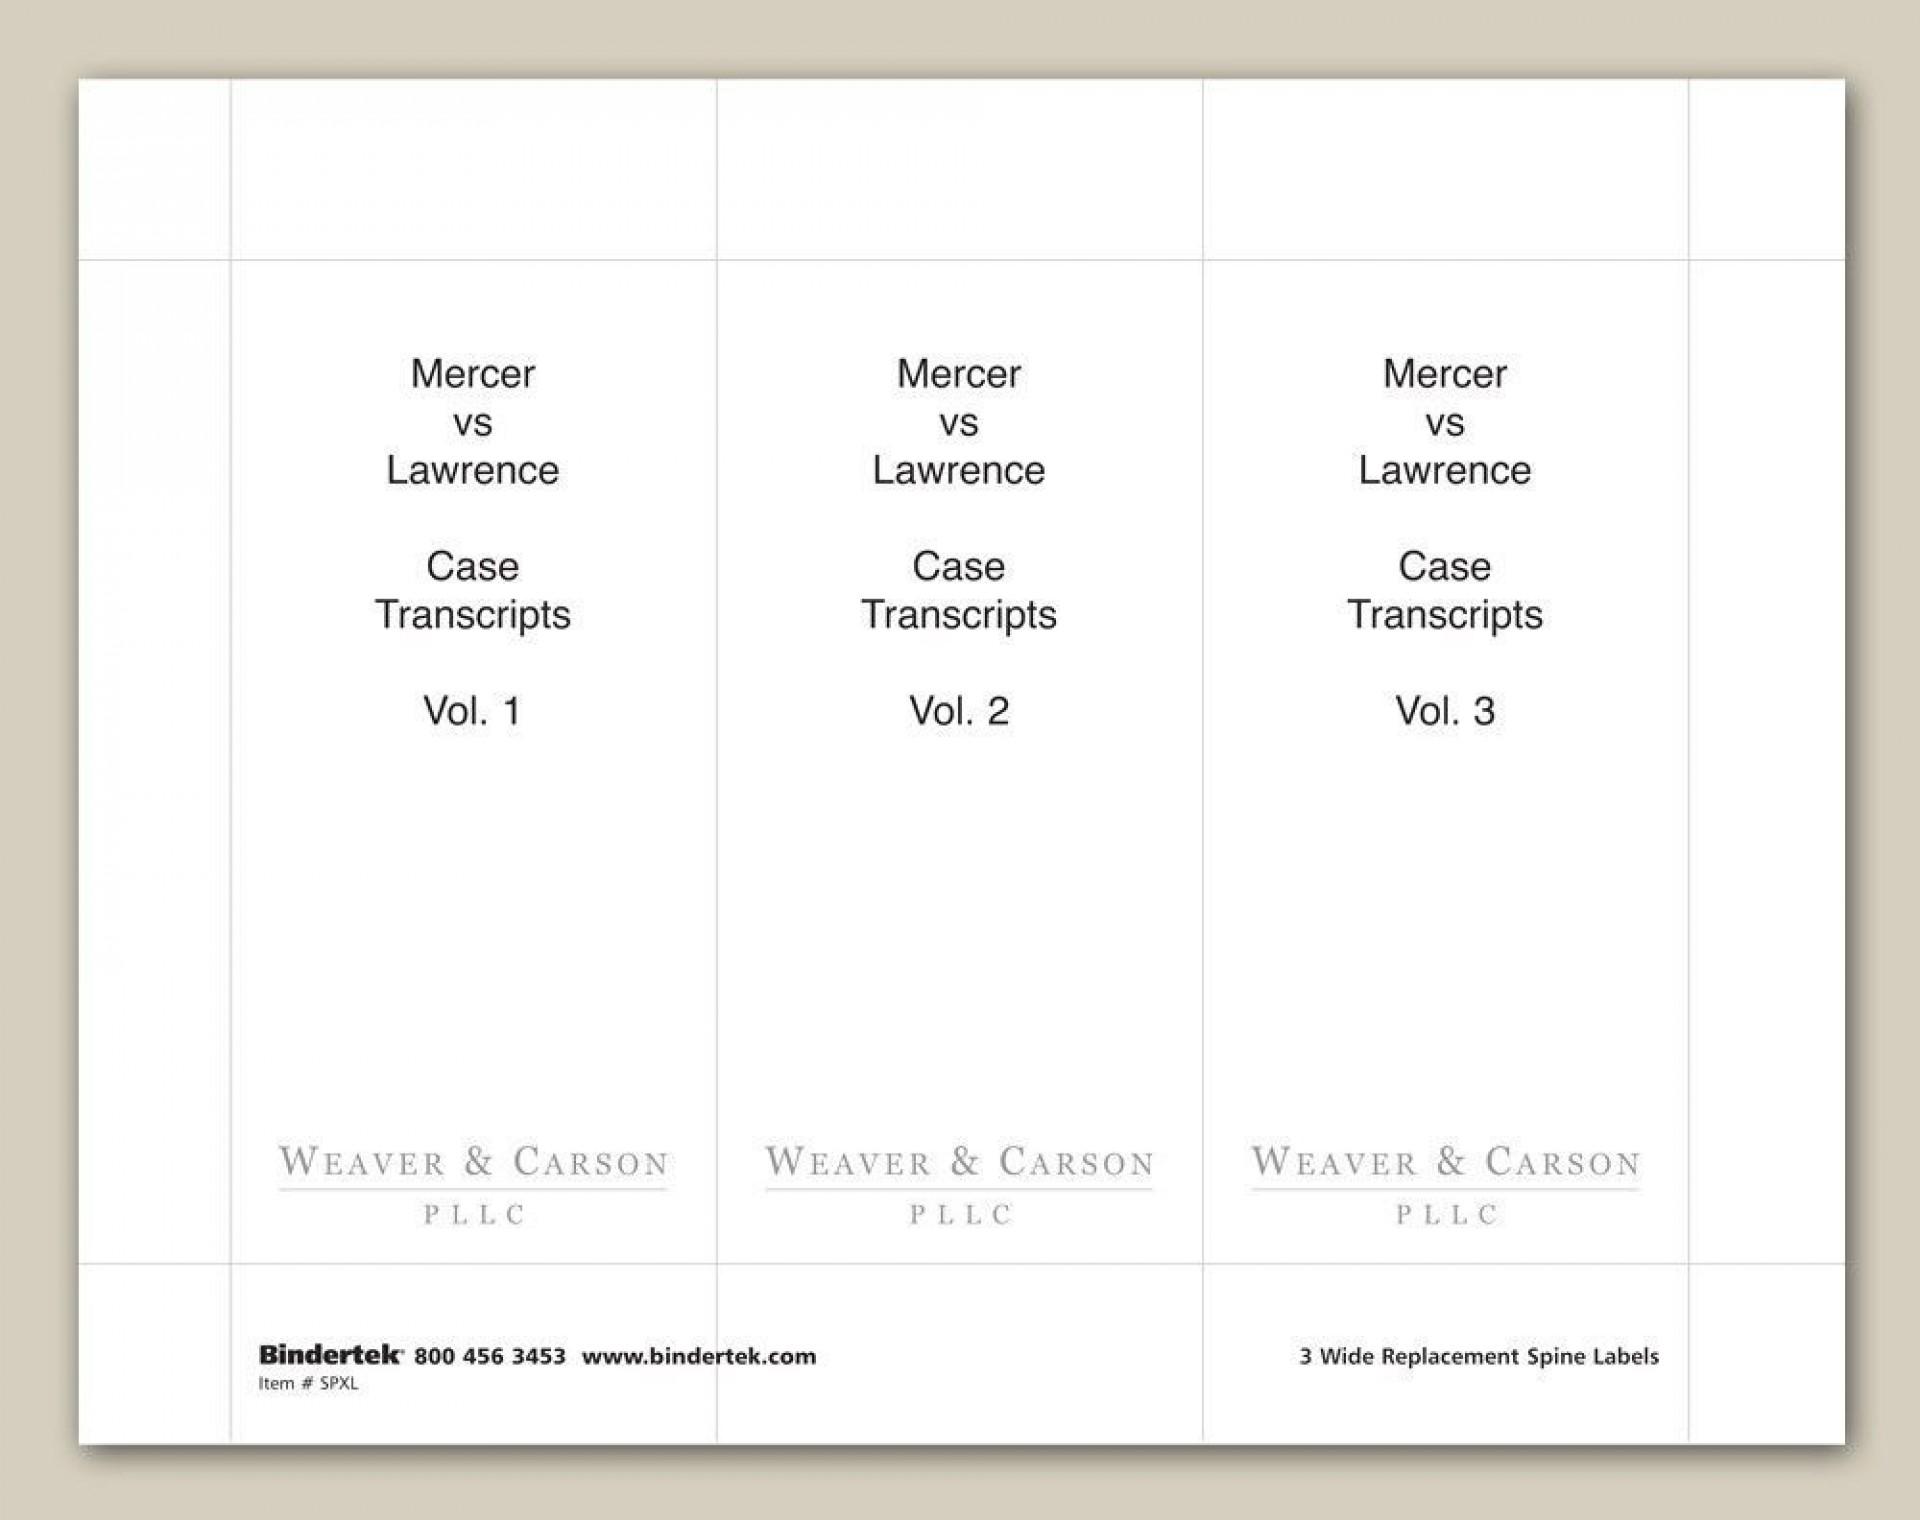 005 Amazing Microsoft Word Invitation Template 4 Per Page Design 1920